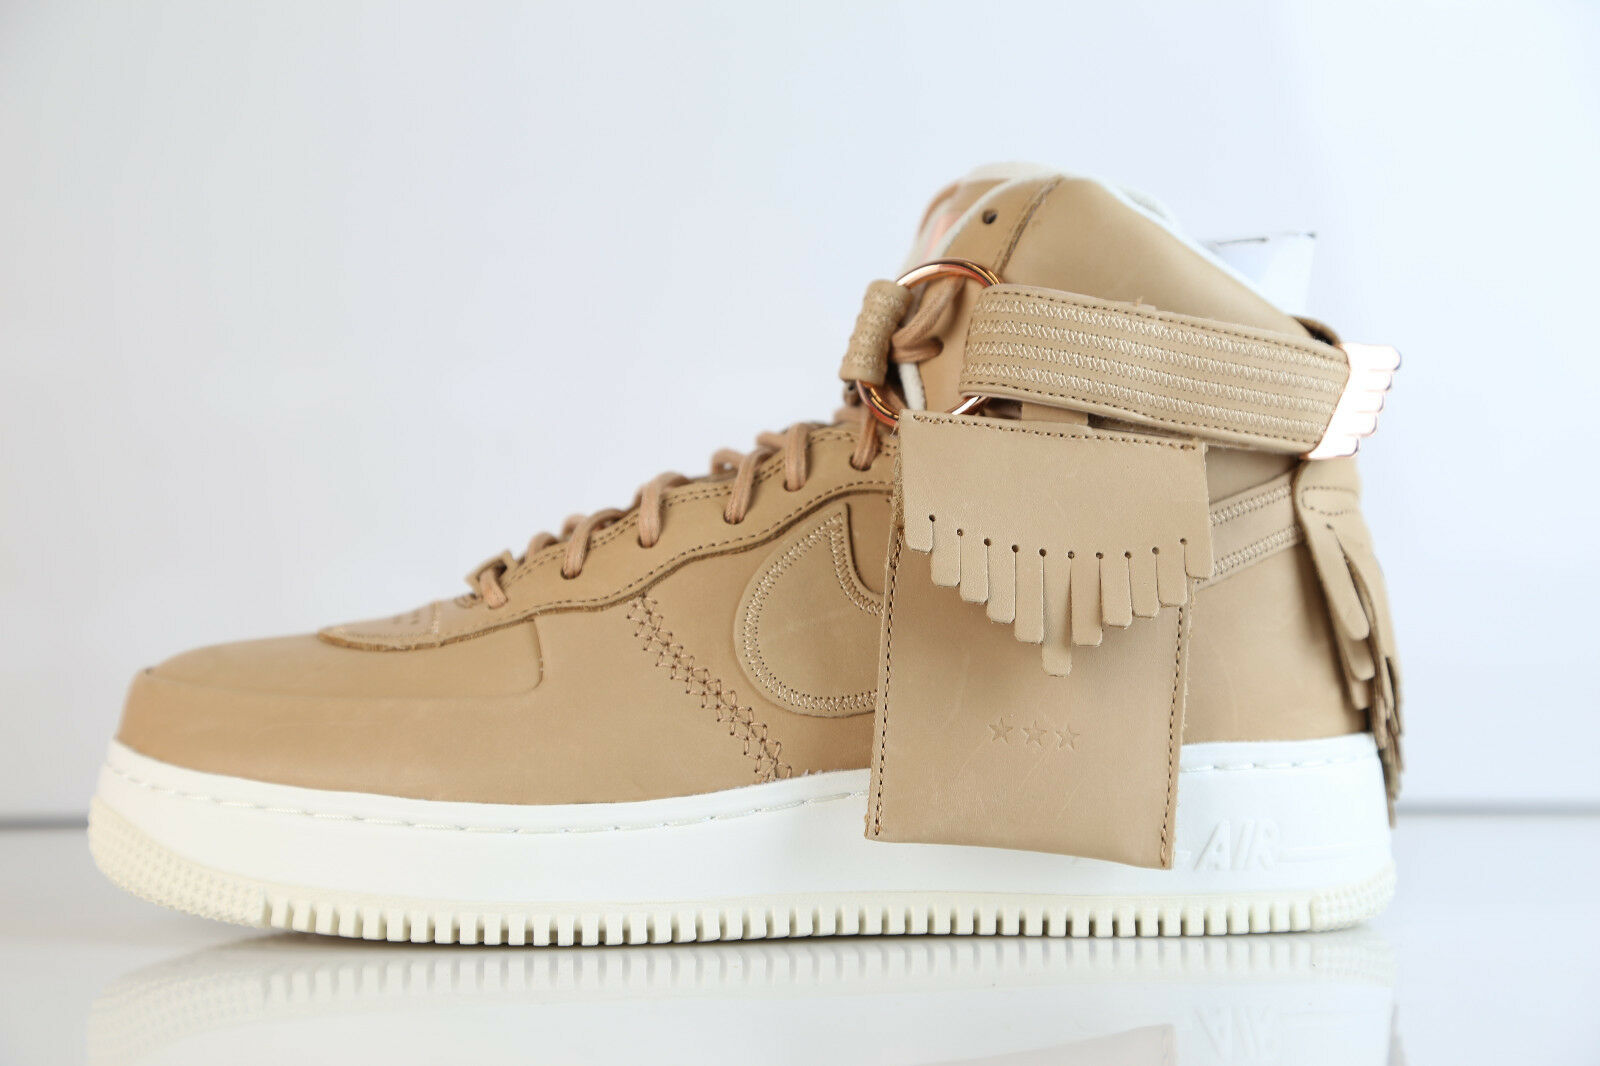 Nike AF1 Hi Sport 5 de lujo 5 Sport décadas Lux Vachetta tan 919473-2018 8 13 Air Force baratos zapatos de mujer zapatos de mujer 146d89